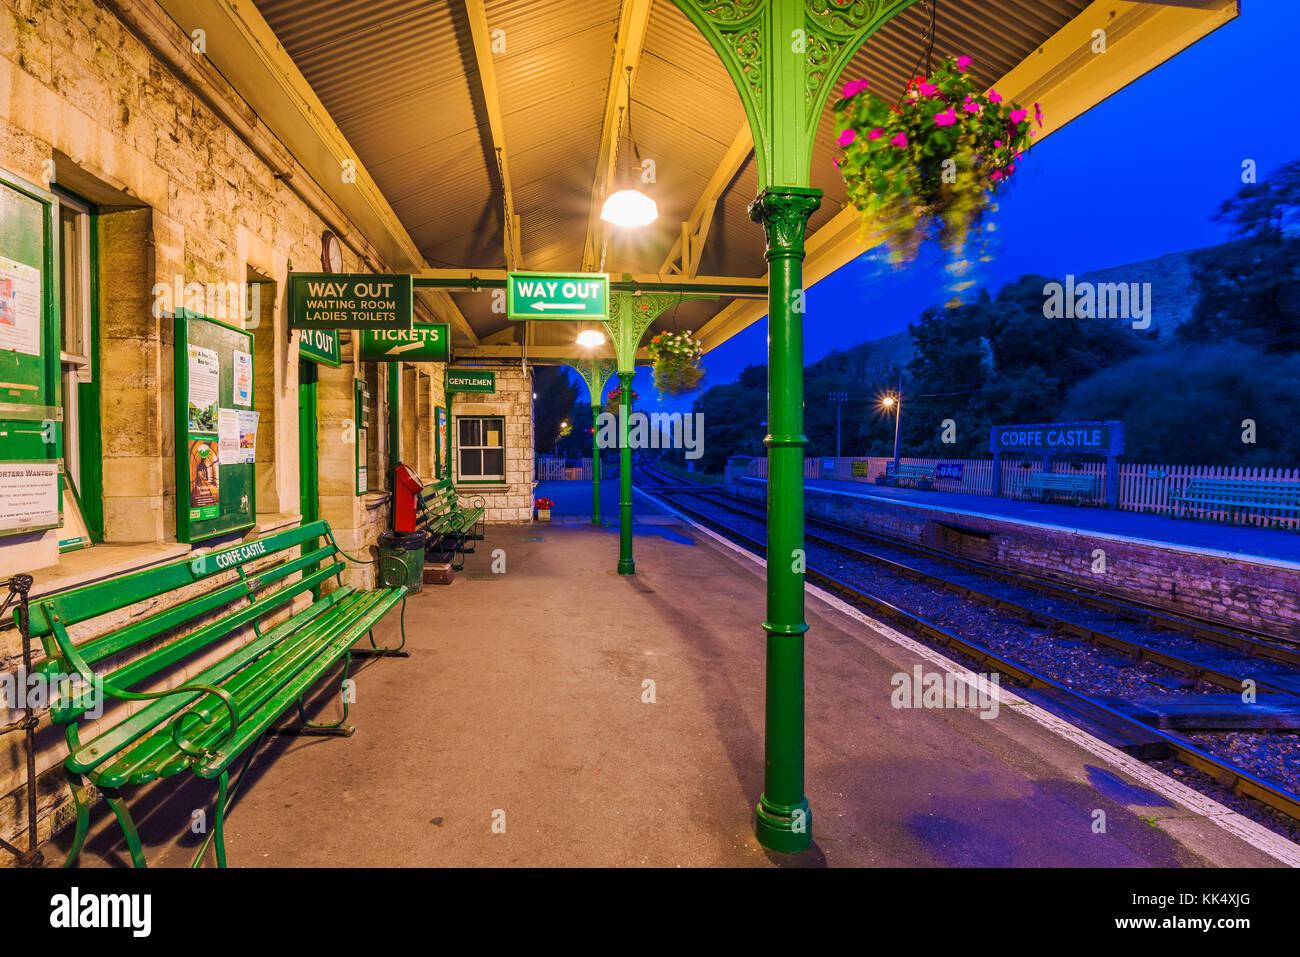 Corfe, Regno Unito - 08 settembre: questa è la piattaforma in attesa di corfe stazione ferroviaria che è Immagini Stock